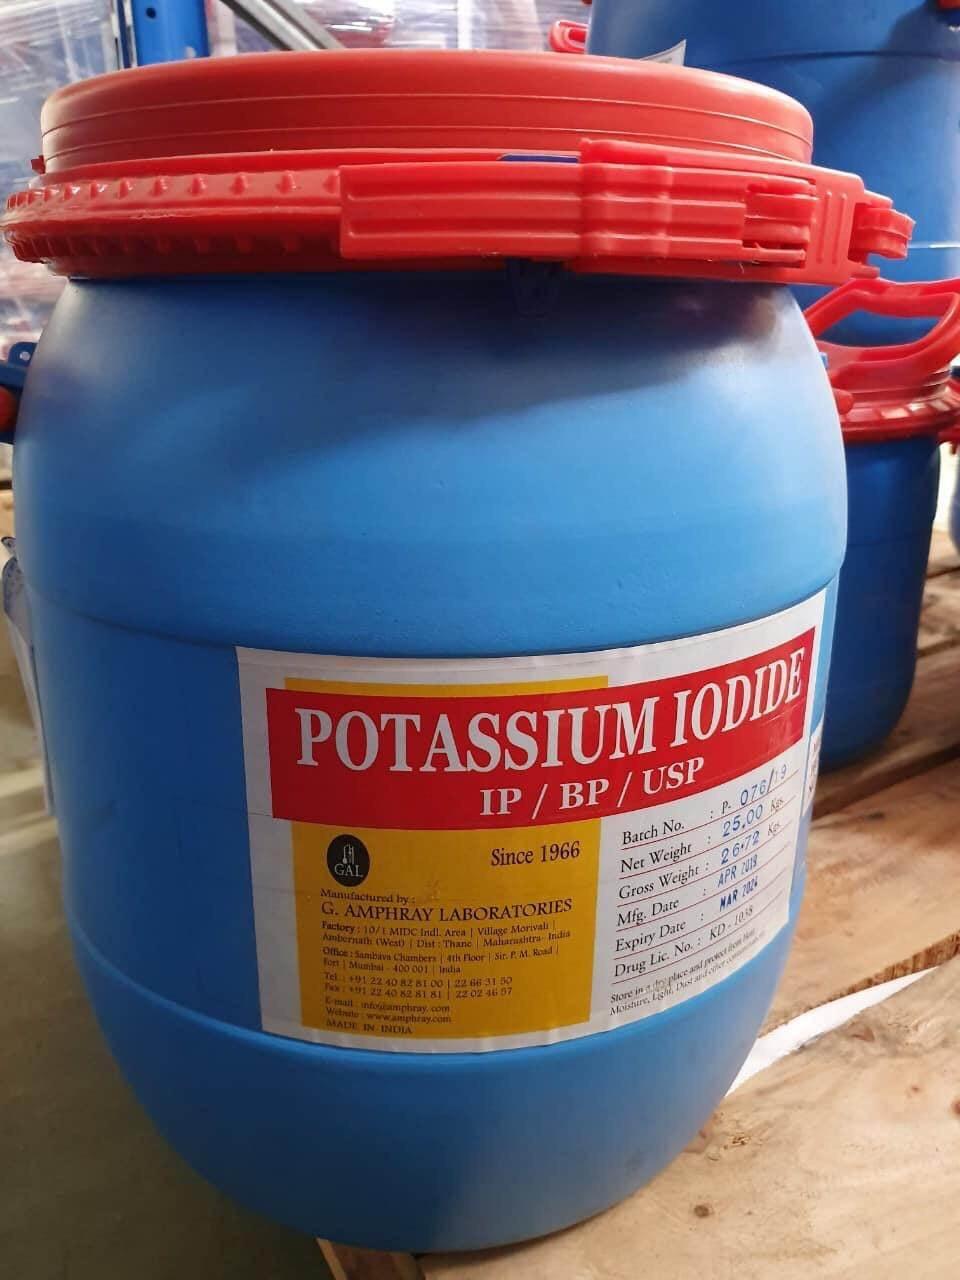 potassium iodide-ki hóa chất biên hòa đồng nai